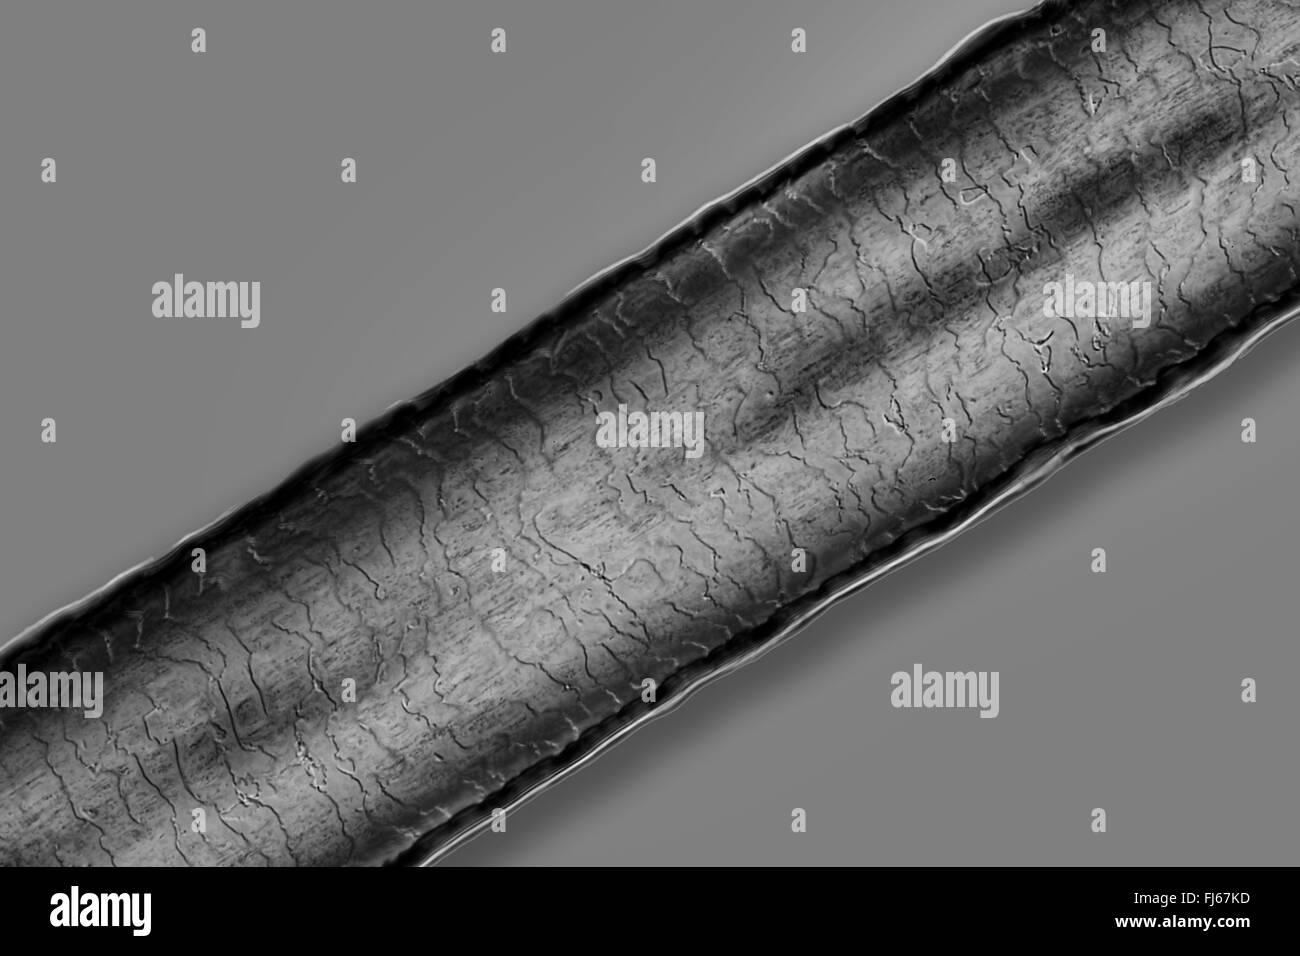 Les gens, les êtres humains, les humains (Homo sapiens sapiens), les cheveux humains, microscopique Photo Stock